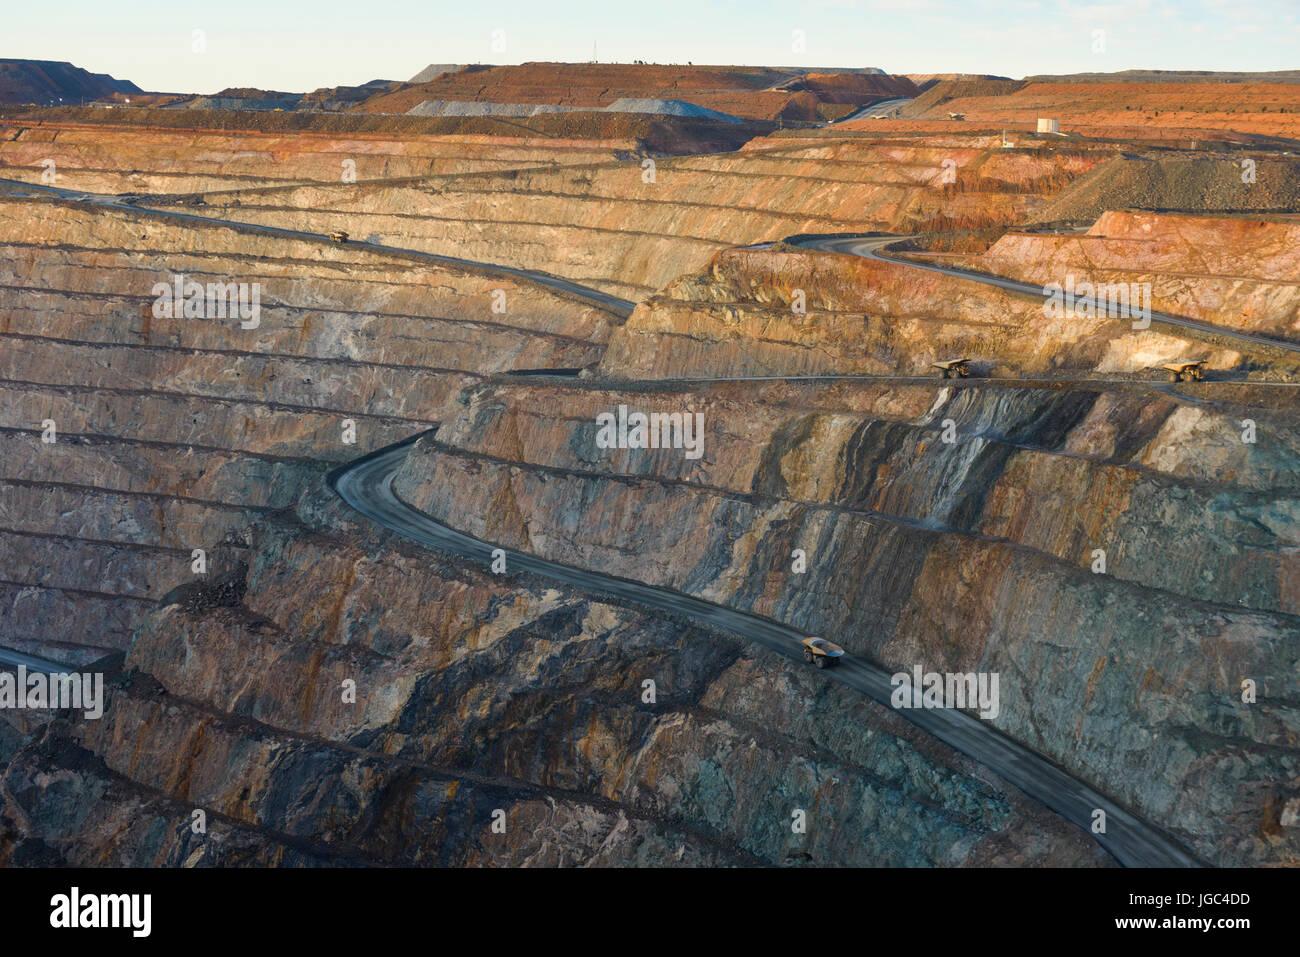 Miniera a cielo aperto, miniera d'oro, kalgoorlie, Australia occidentale Immagini Stock